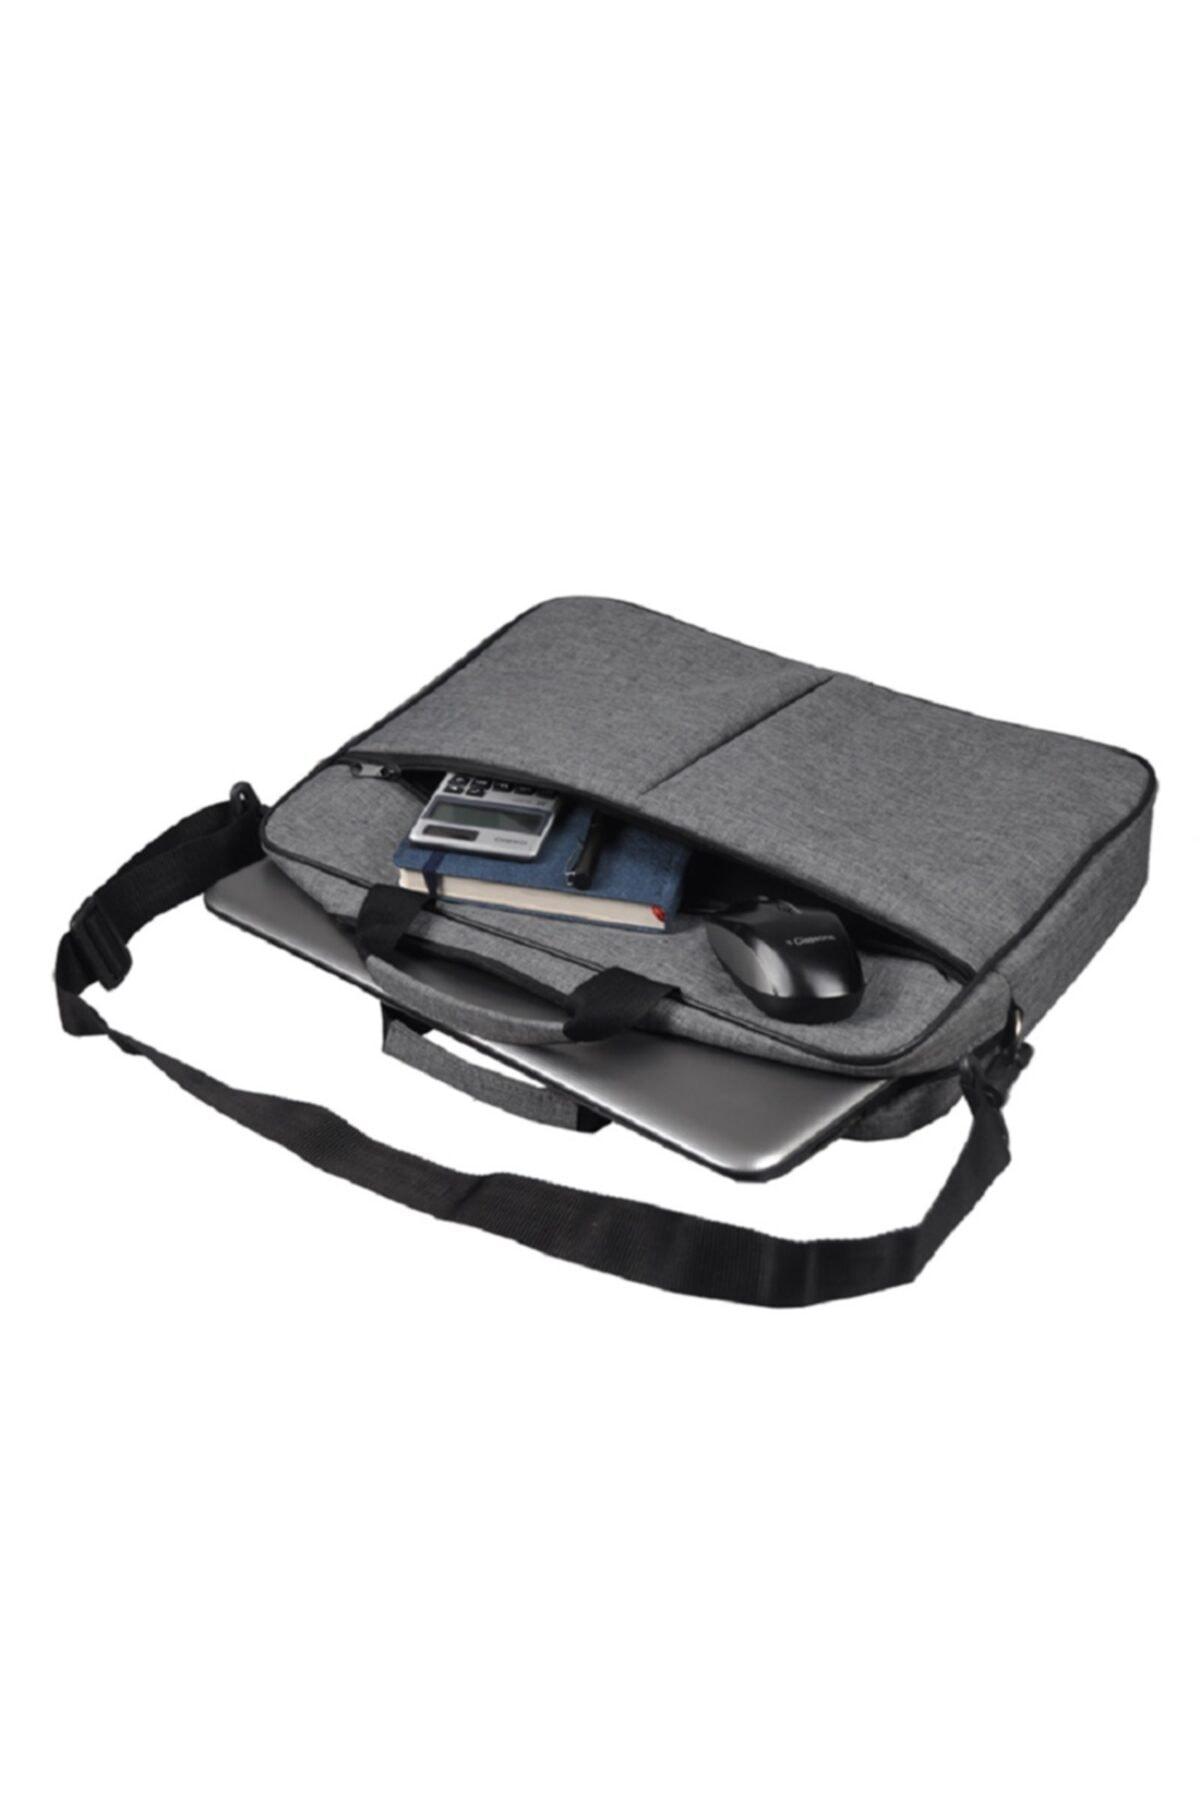 Classone Bnd304 Eko Serisi Notebook Çantası 2